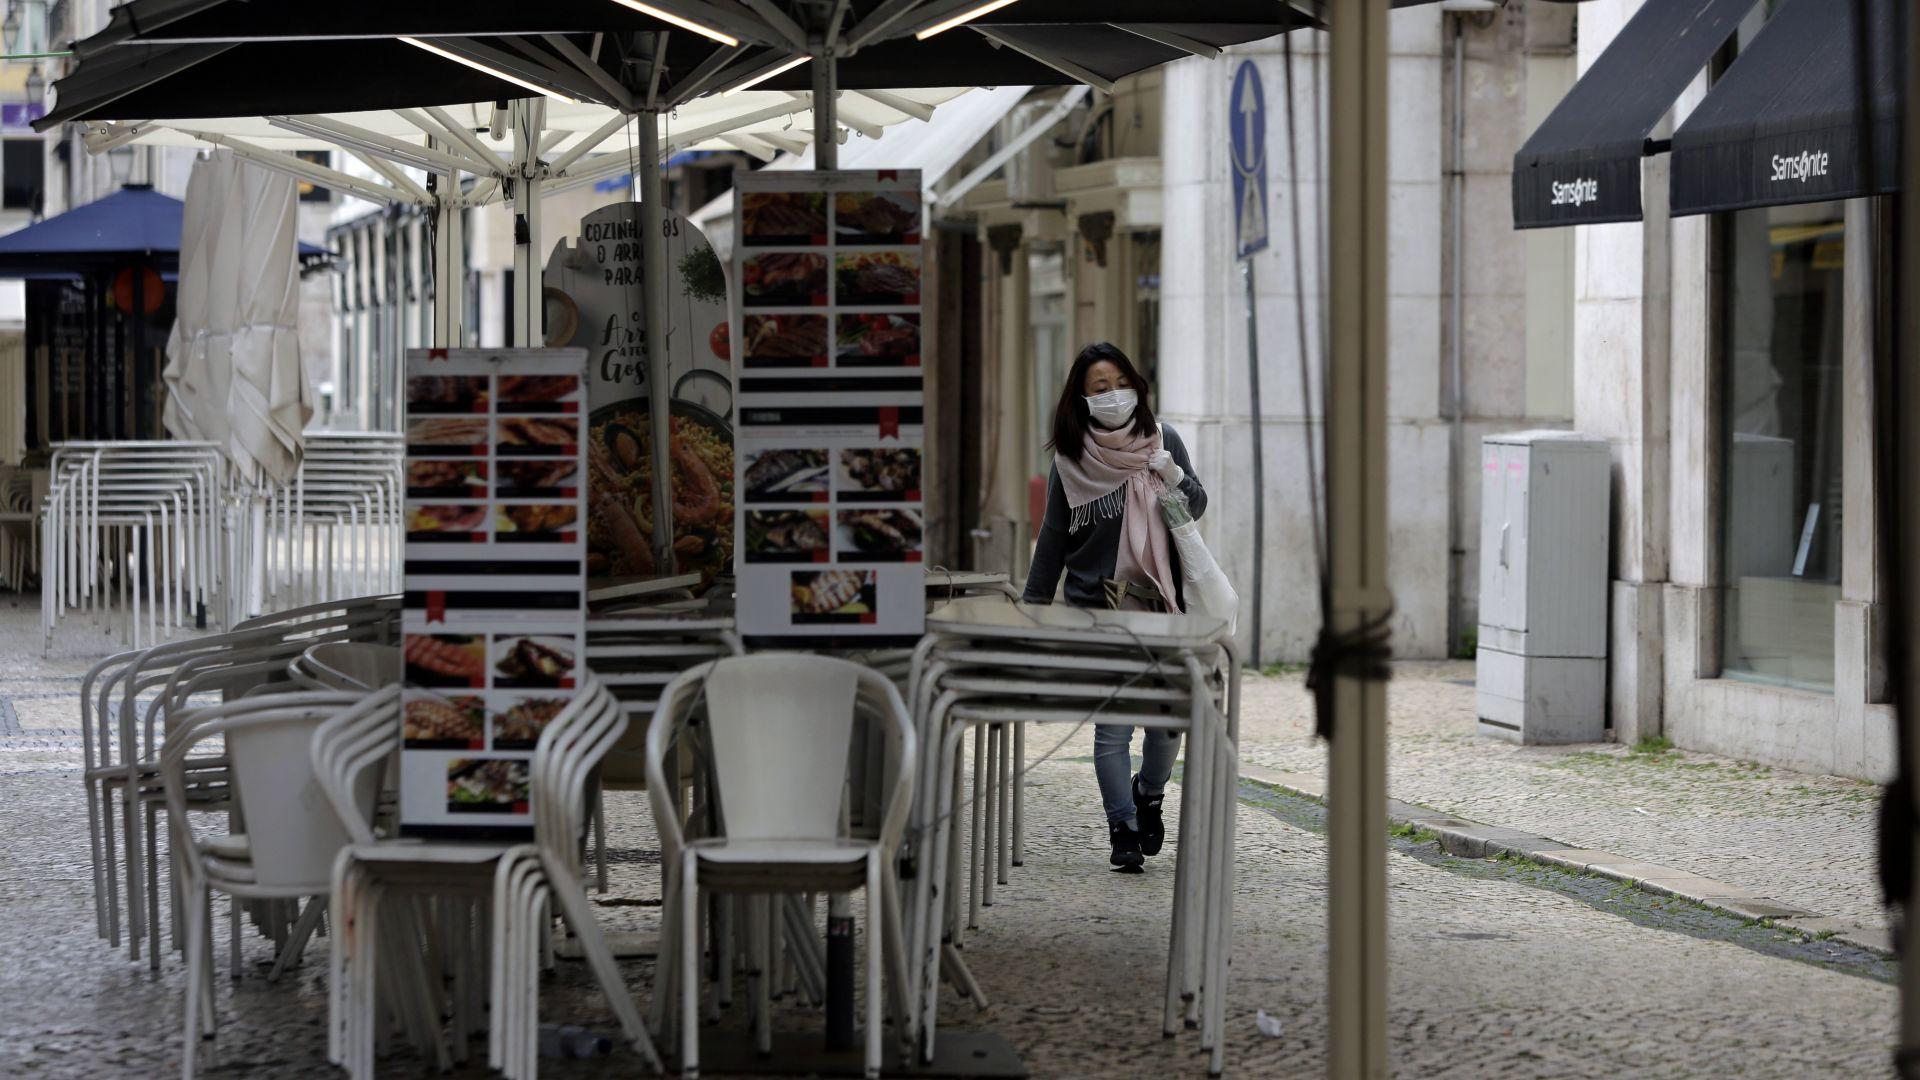 Няма да спират ток, вода и газ за неплатени сметки в Португалия